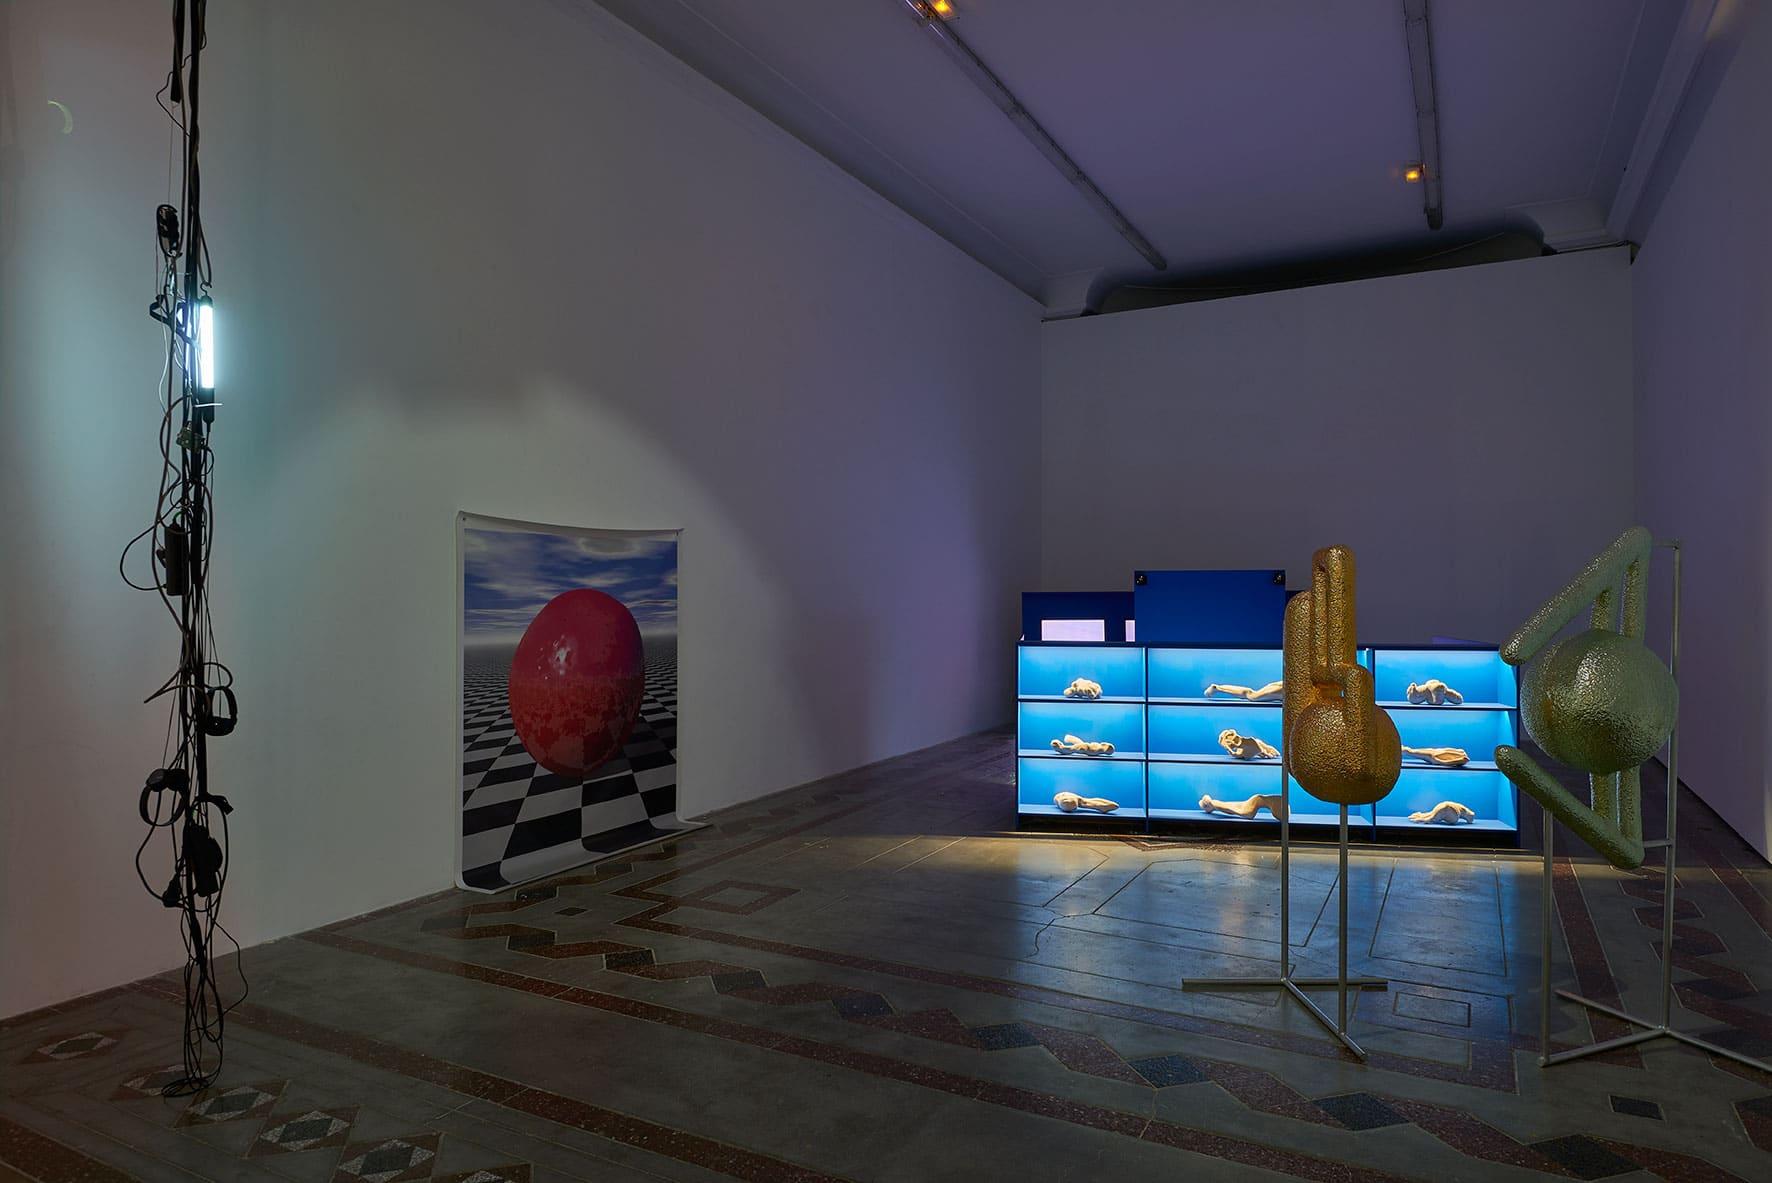 Exposition <i>France Électronique</i> au Palais des arts de l'isdaT beaux-arts, le Printemps de septembre 2018 © Damien Aspe